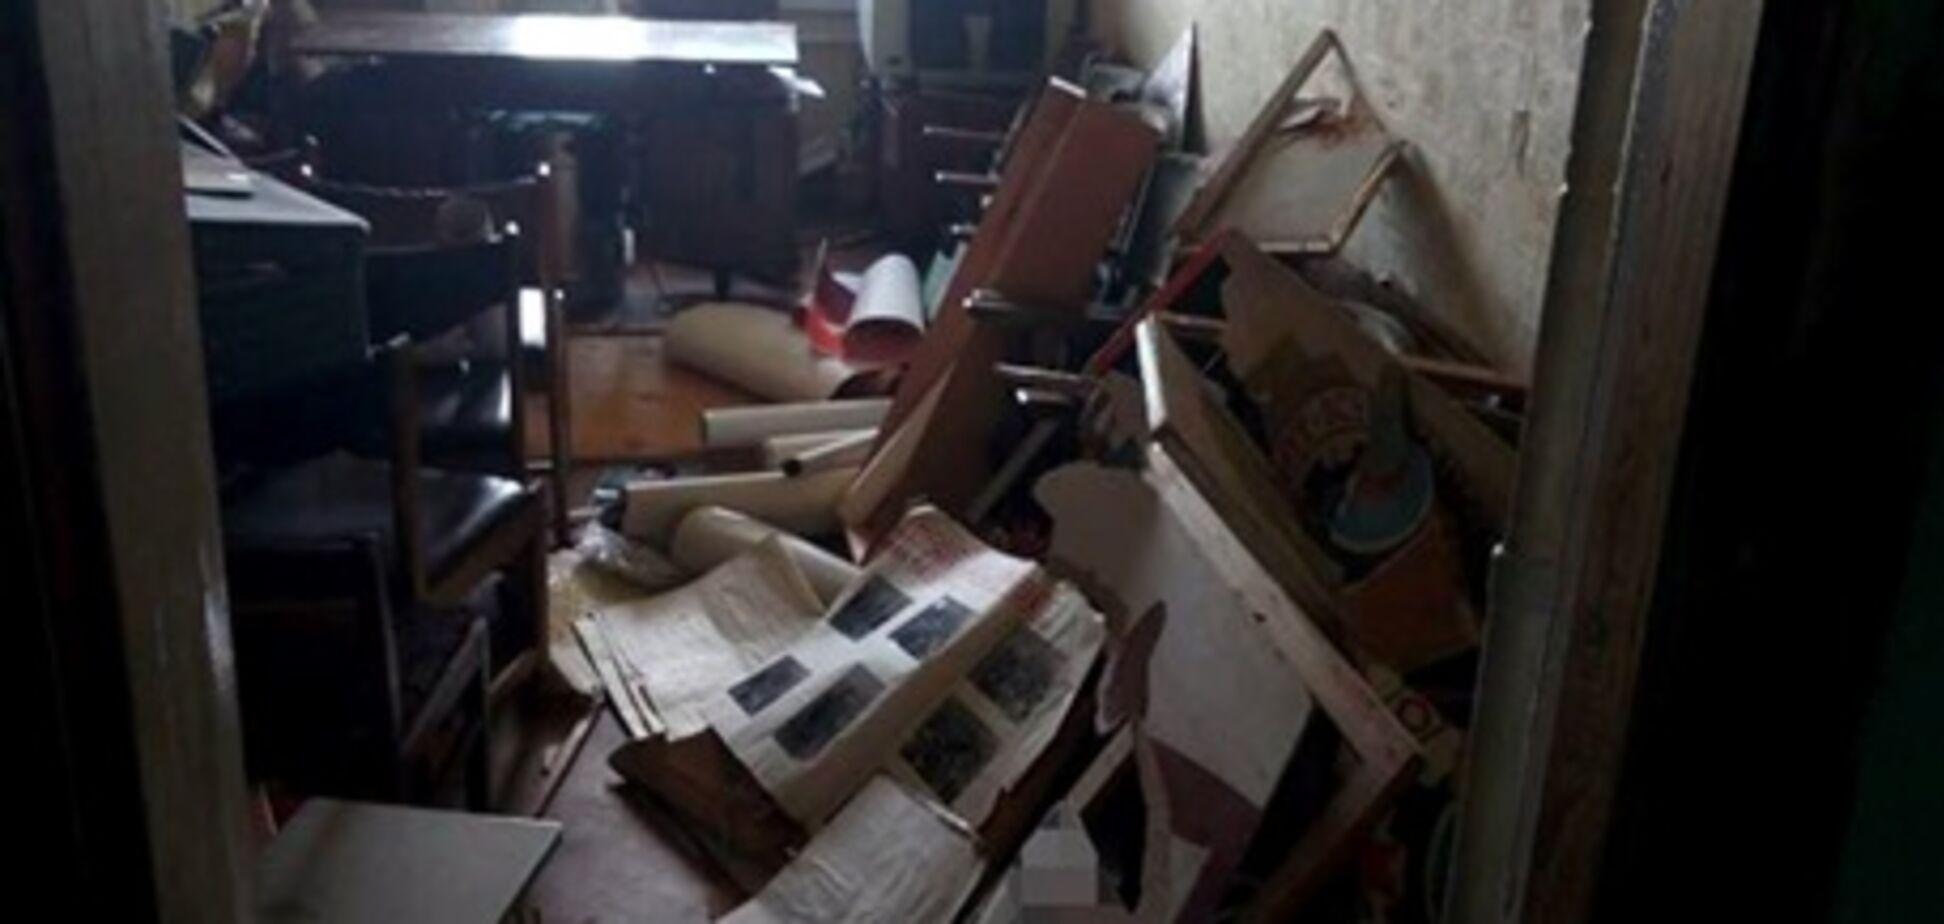 'Все зруйнували і розламали': у Харкові влаштували погром в офісі прихильників 'русского міра'